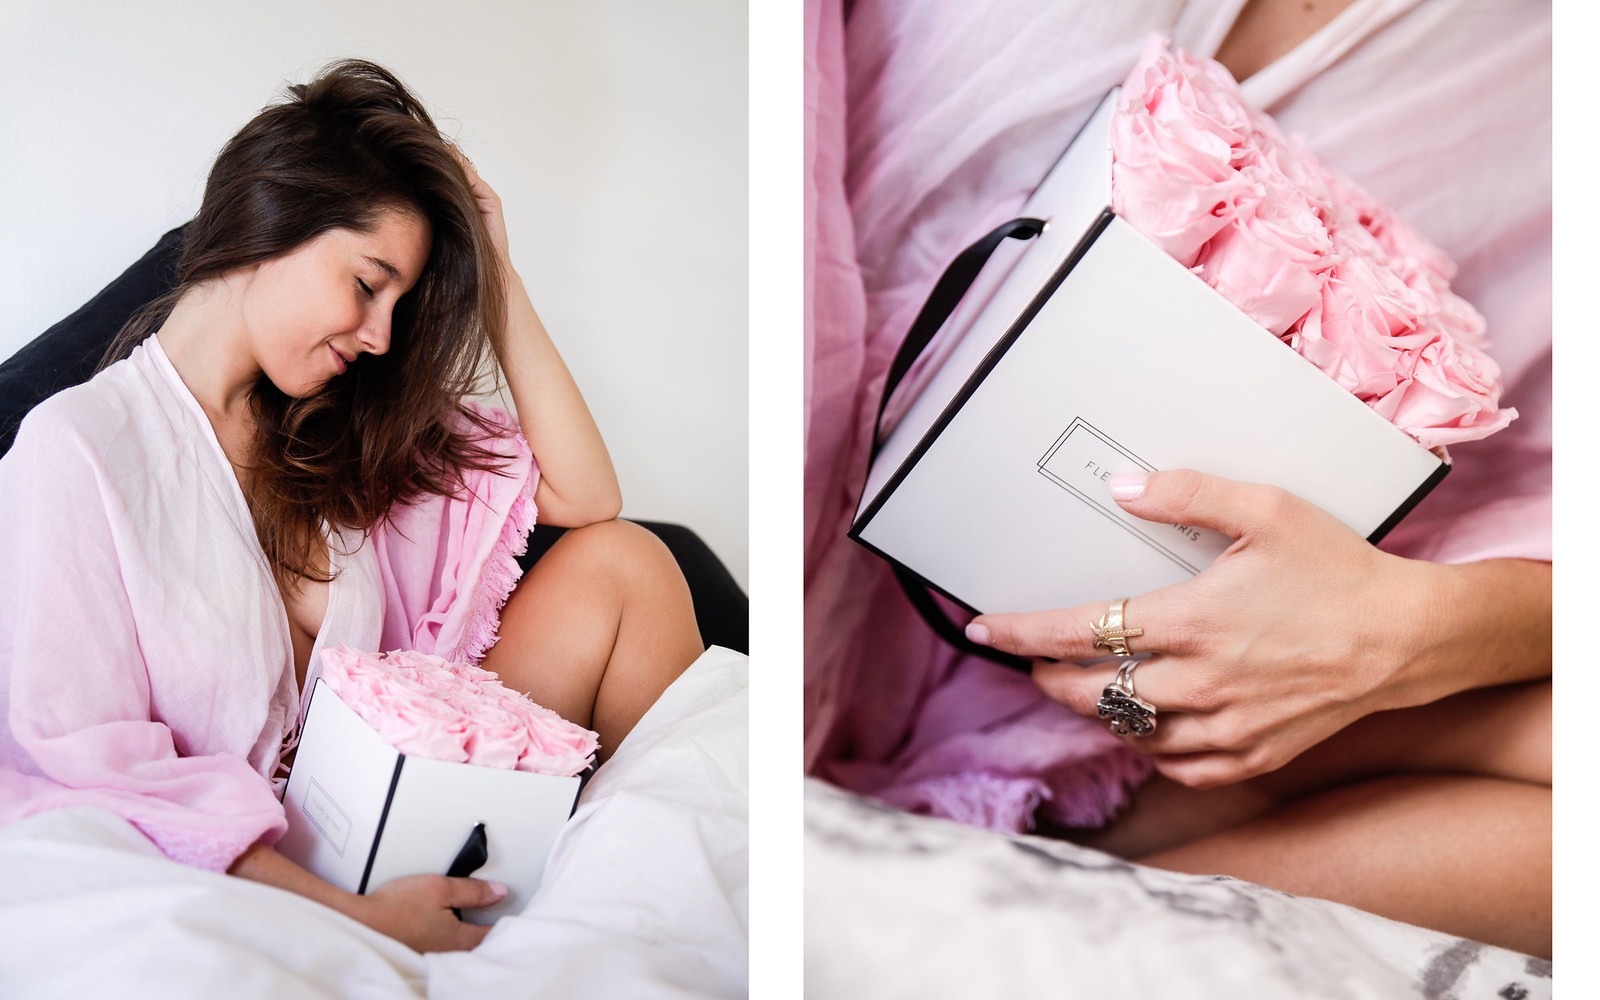 04_Desayuno_cama_breakfast_bed_Fleurs_Paris_Theguestgirl_Flowers_pink_influencer_barcelona_flores_laura_santolaria